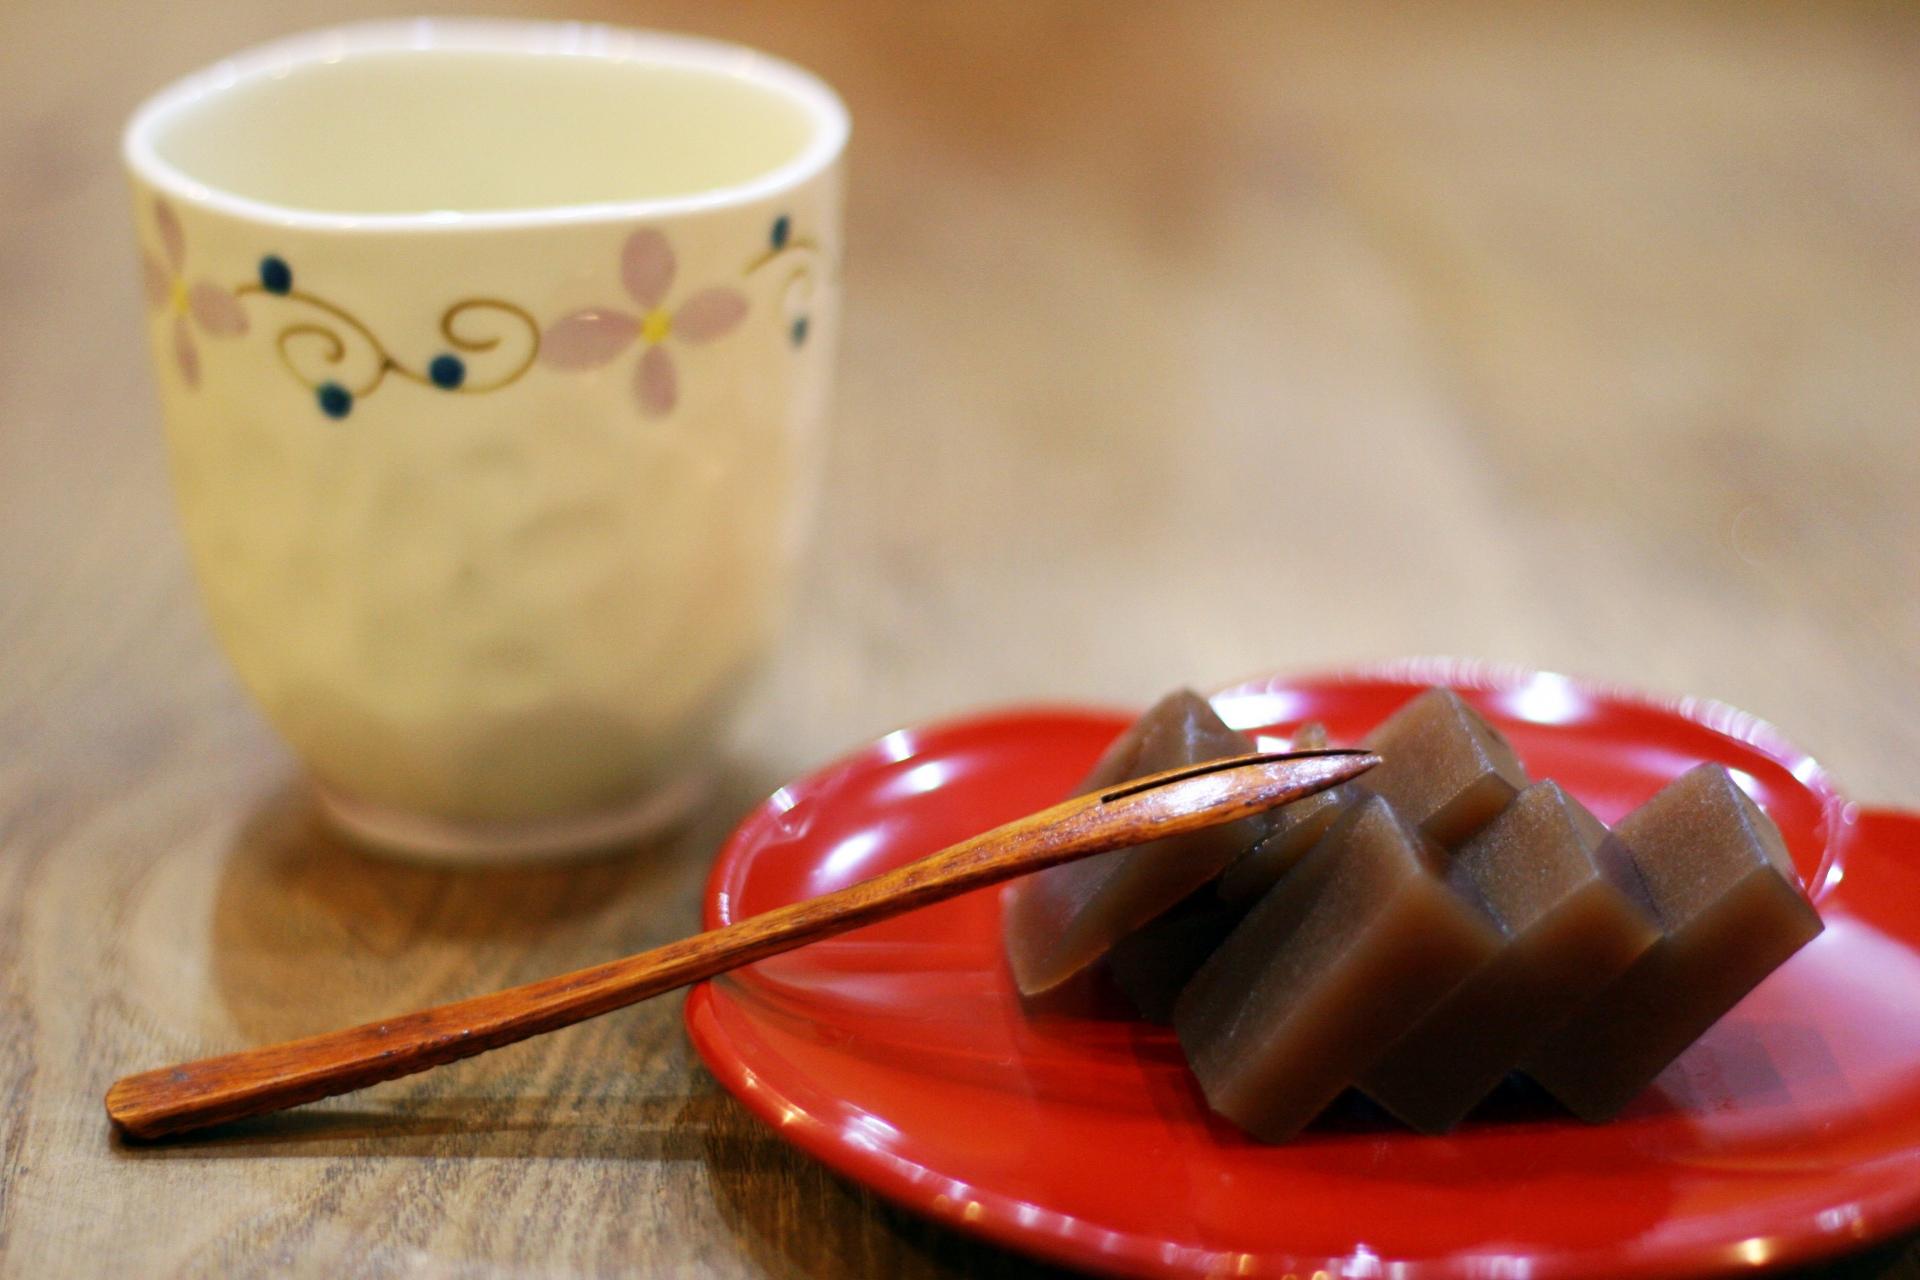 鯨ようかんは宮崎の名物銘菓!お土産に人気のお菓子の販売店もチェック!